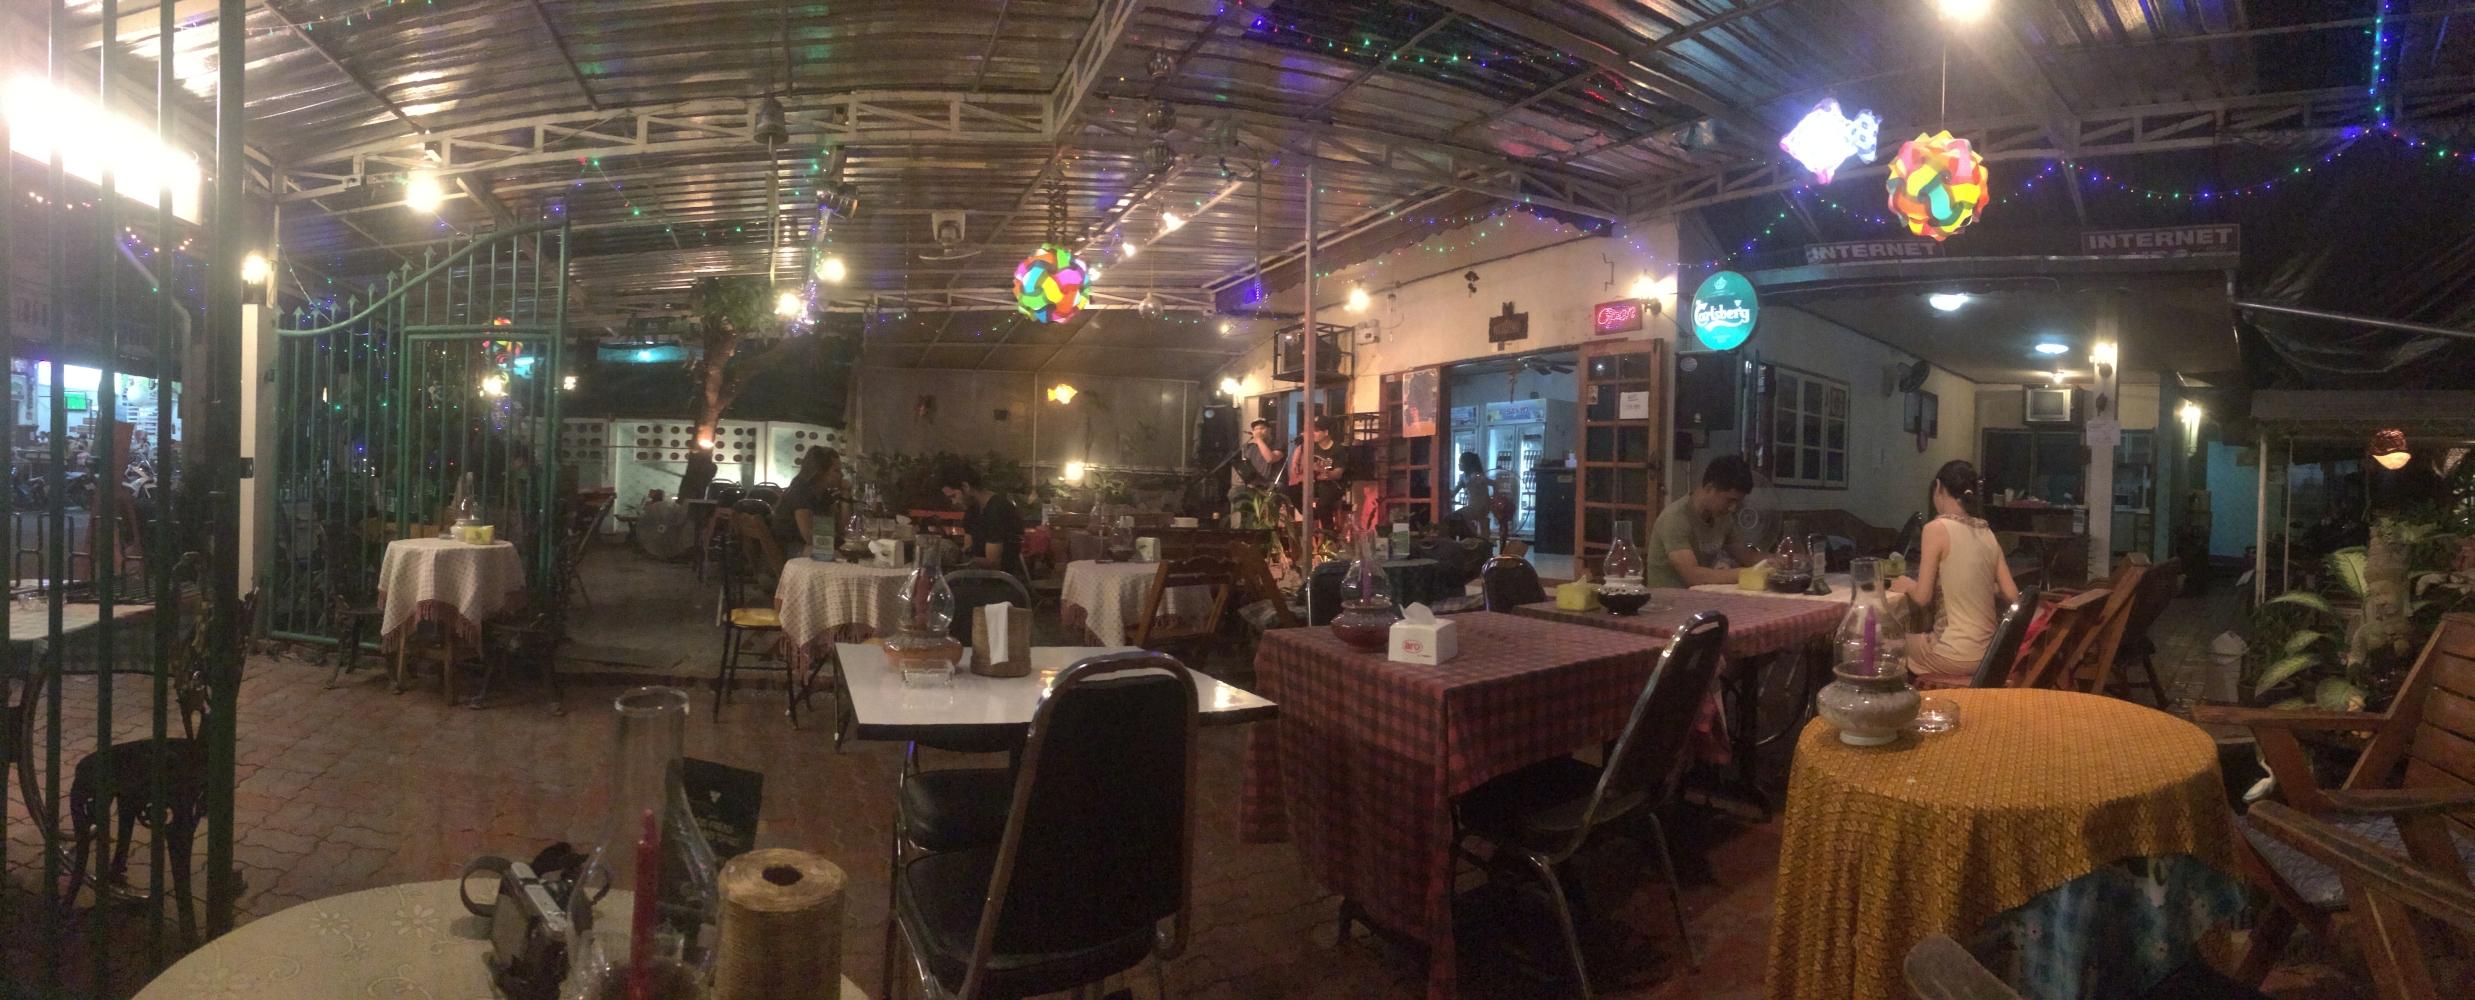 Ein Restaurant in Chiang Mai. Entspannte Atmosphäre, frische Fruchtsäfte und Live-Musik